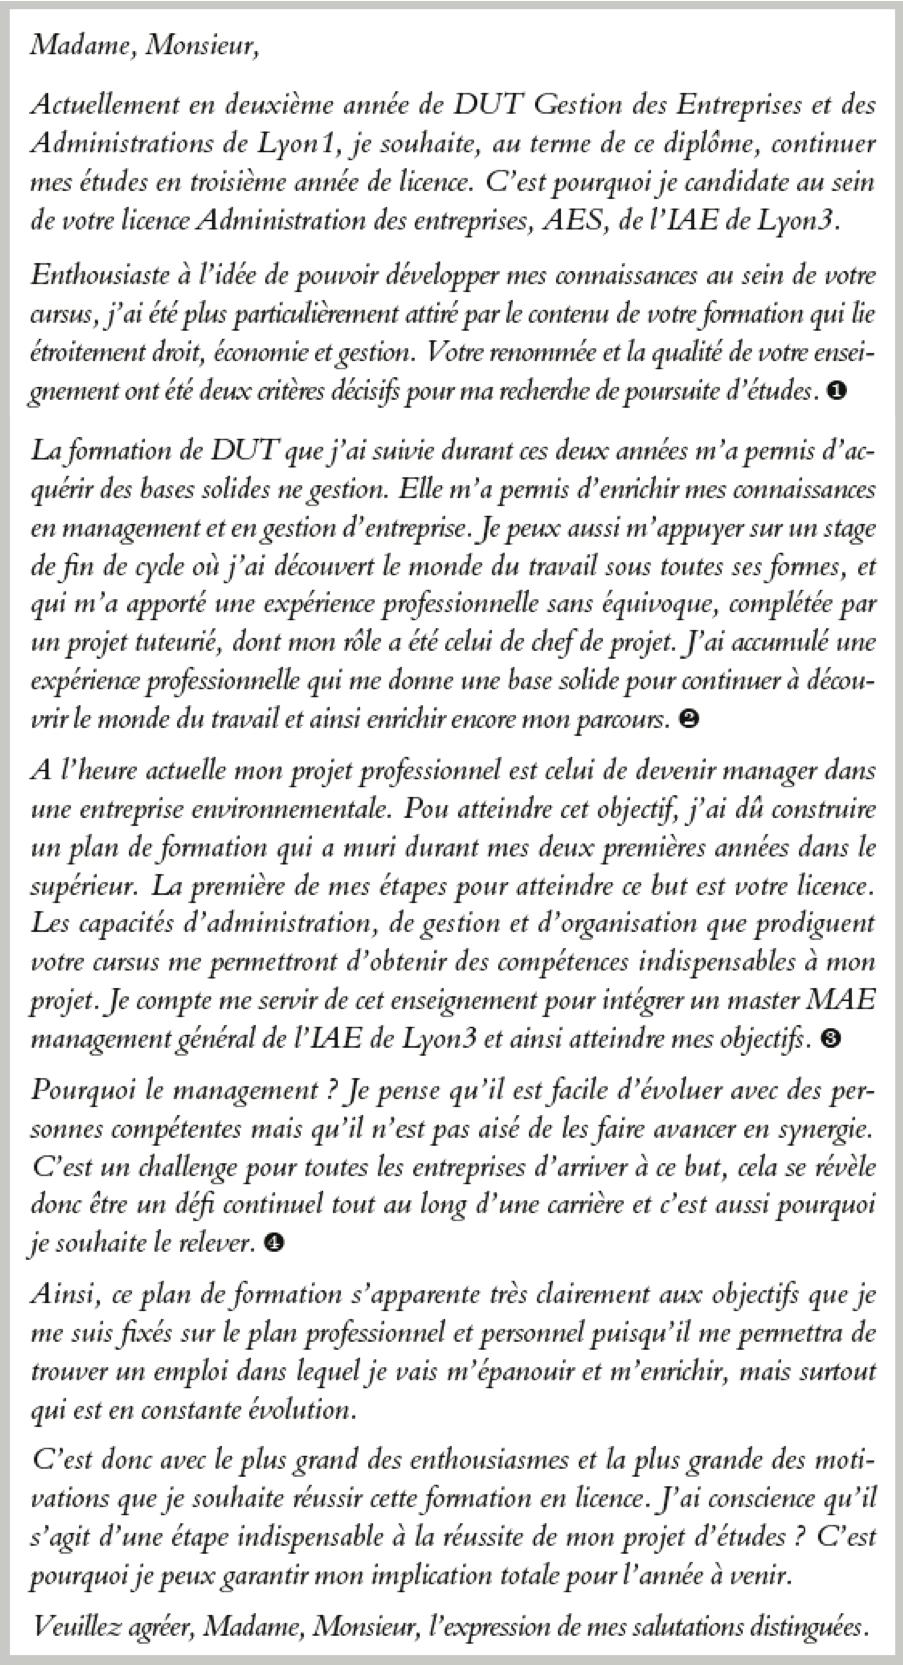 lettre de motivation aes